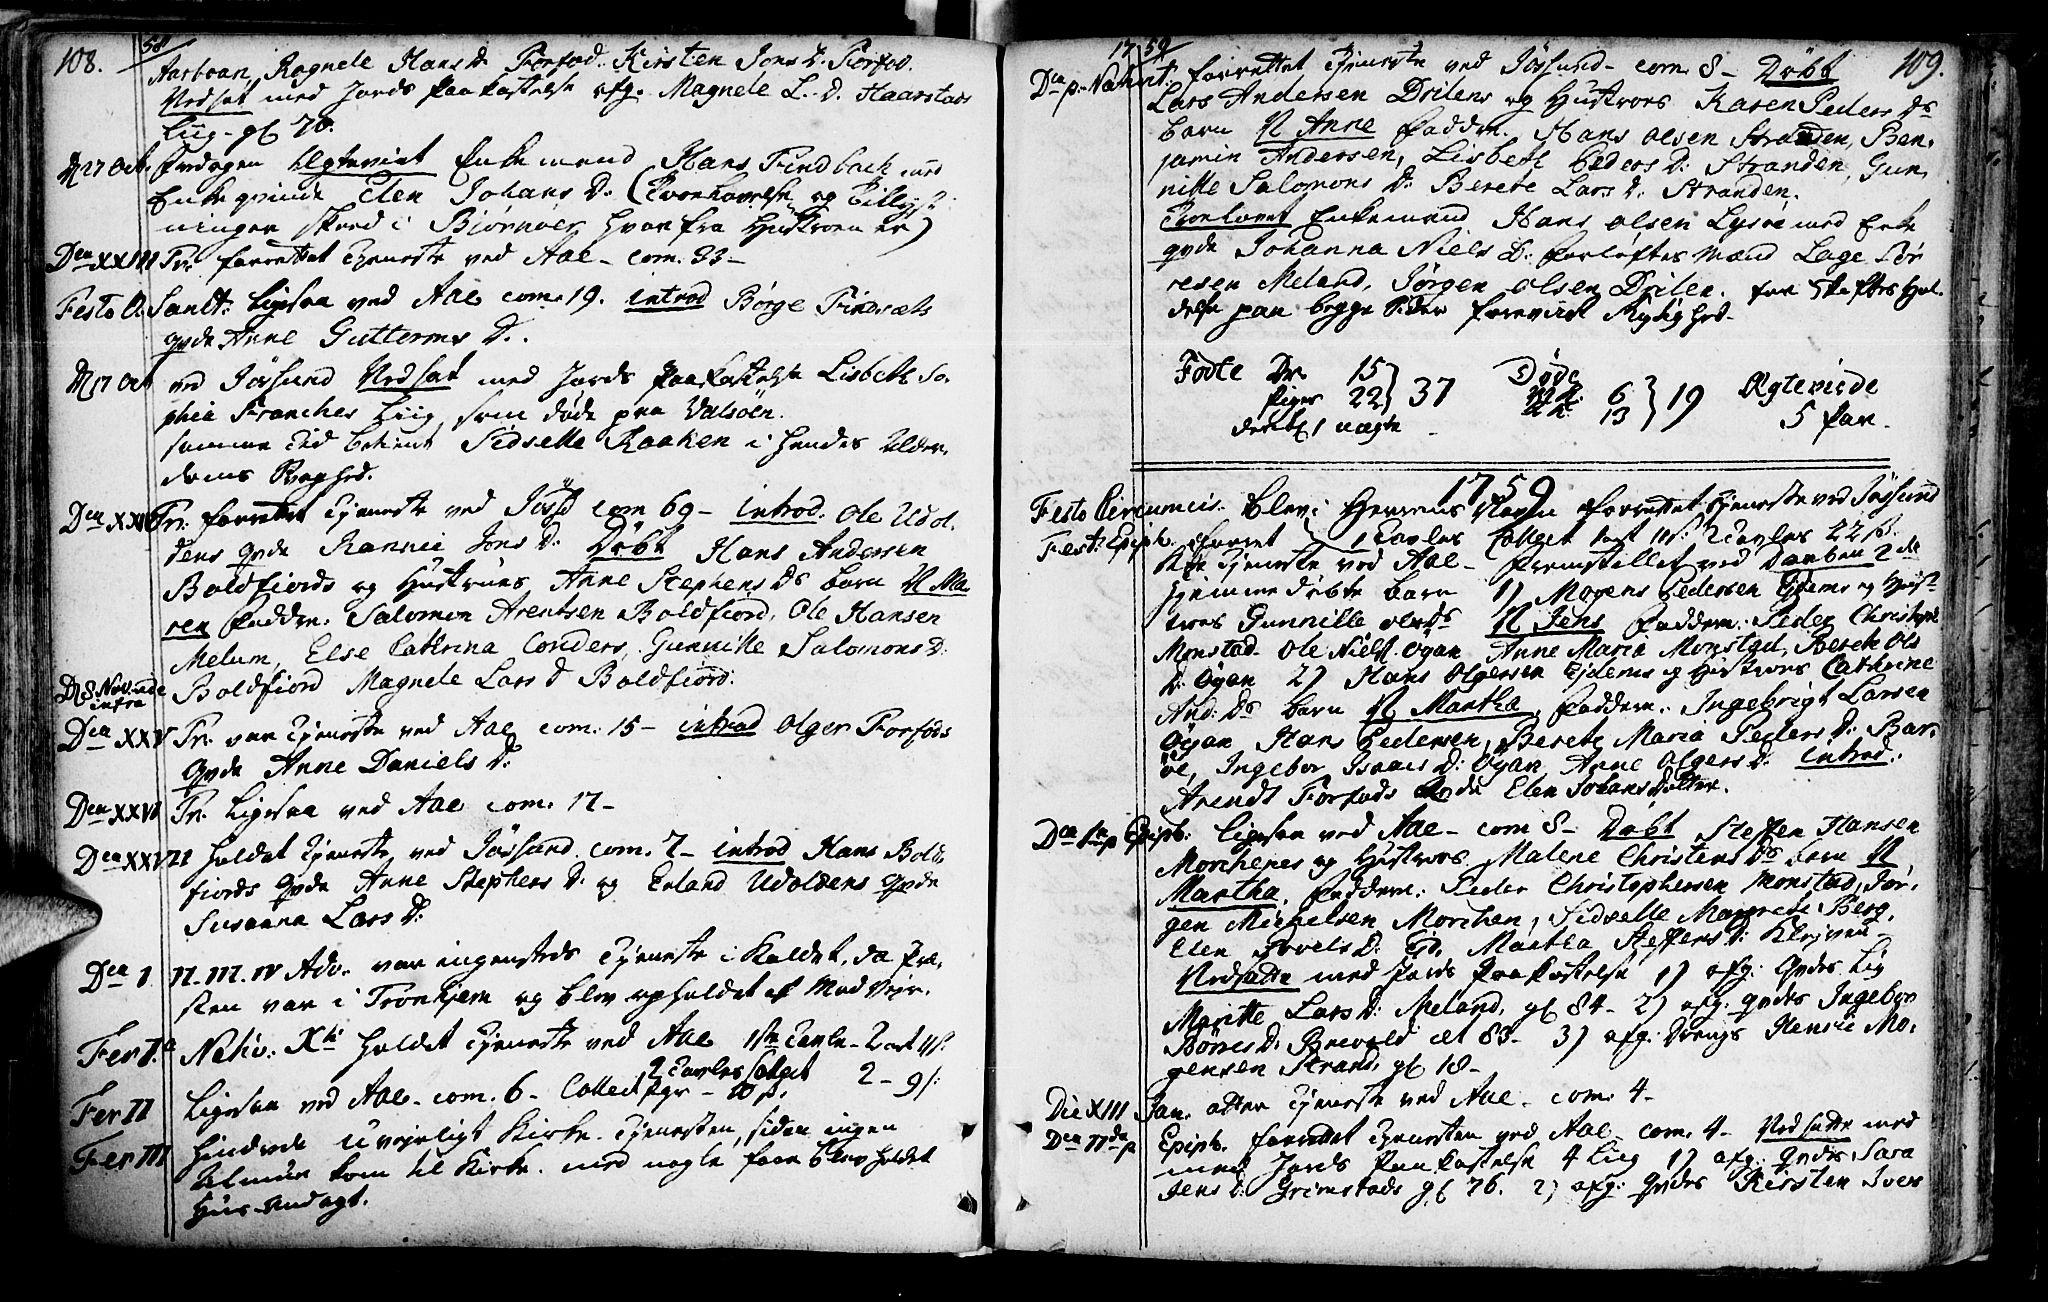 SAT, Ministerialprotokoller, klokkerbøker og fødselsregistre - Sør-Trøndelag, 655/L0672: Ministerialbok nr. 655A01, 1750-1779, s. 108-109